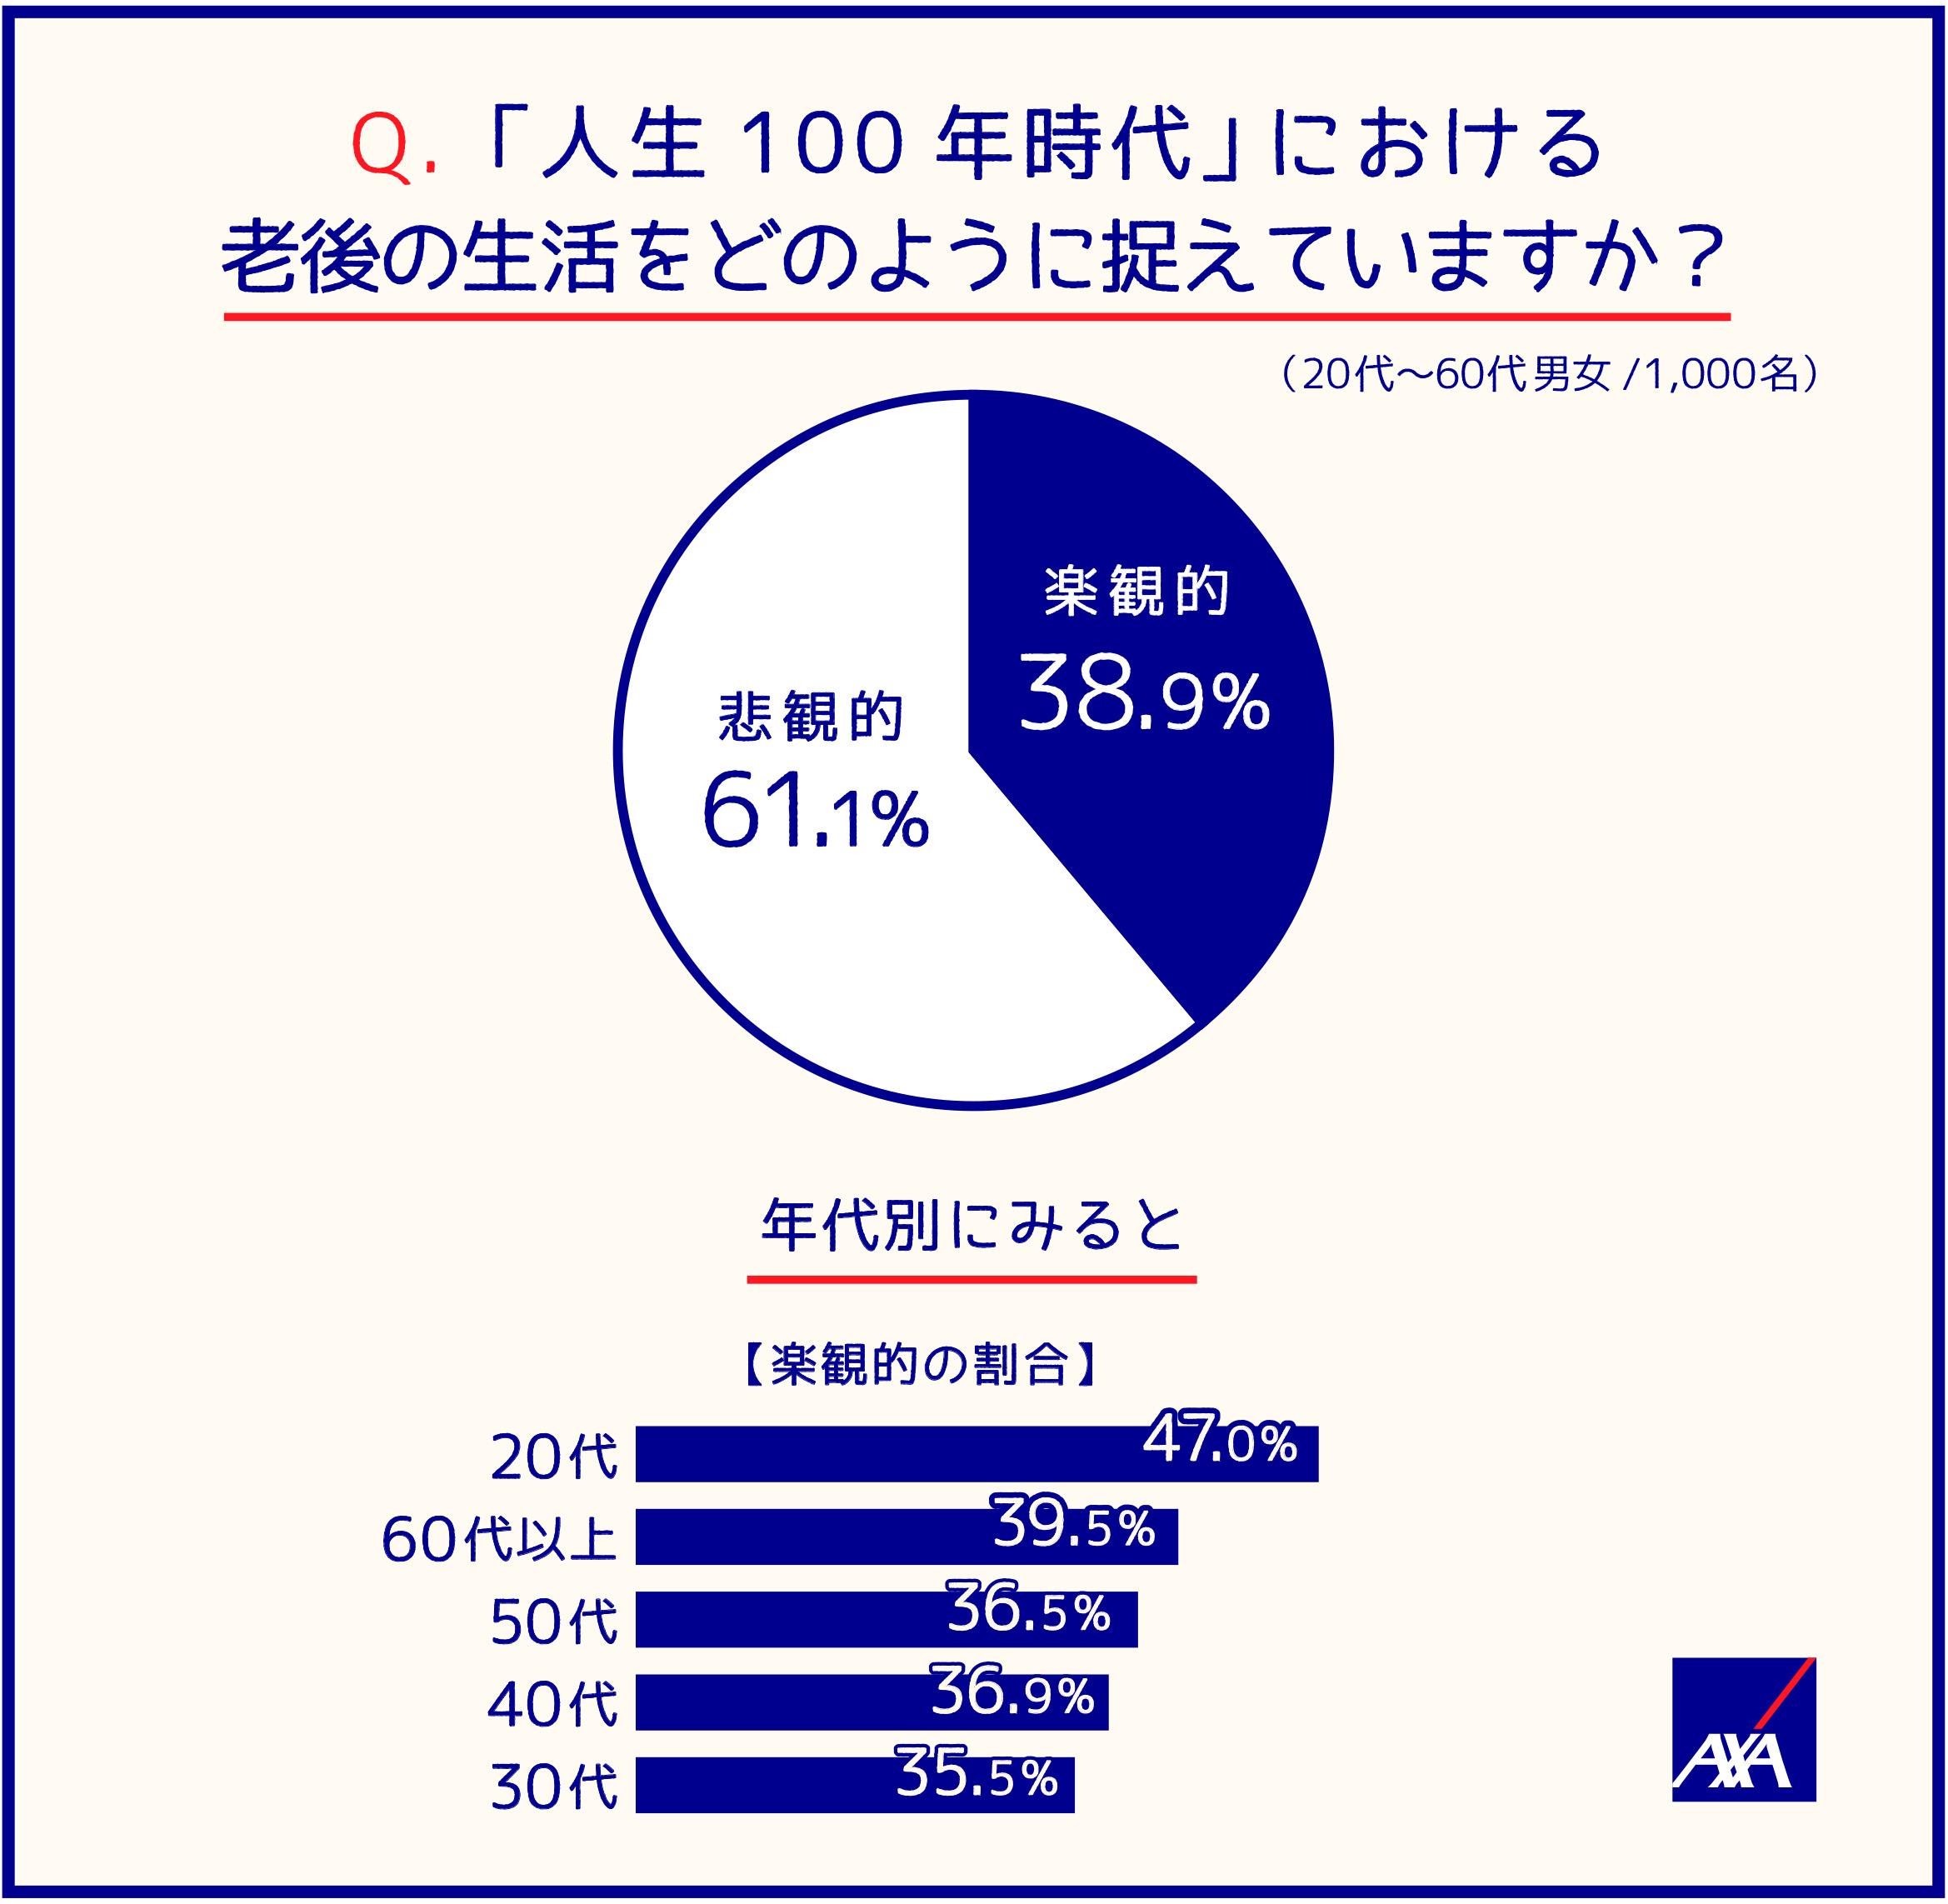 Q.「人生100年時代」における老後の生活をどのように捉えていますか?(20代~60代男女/1,000名) 楽観的;38.9% 悲観的;61.1% 年代別にみると(楽観的の割合) 20代;47.0% 60代以上;39.5% 50代;36.5% 40代;36.9% 30代;35.5%